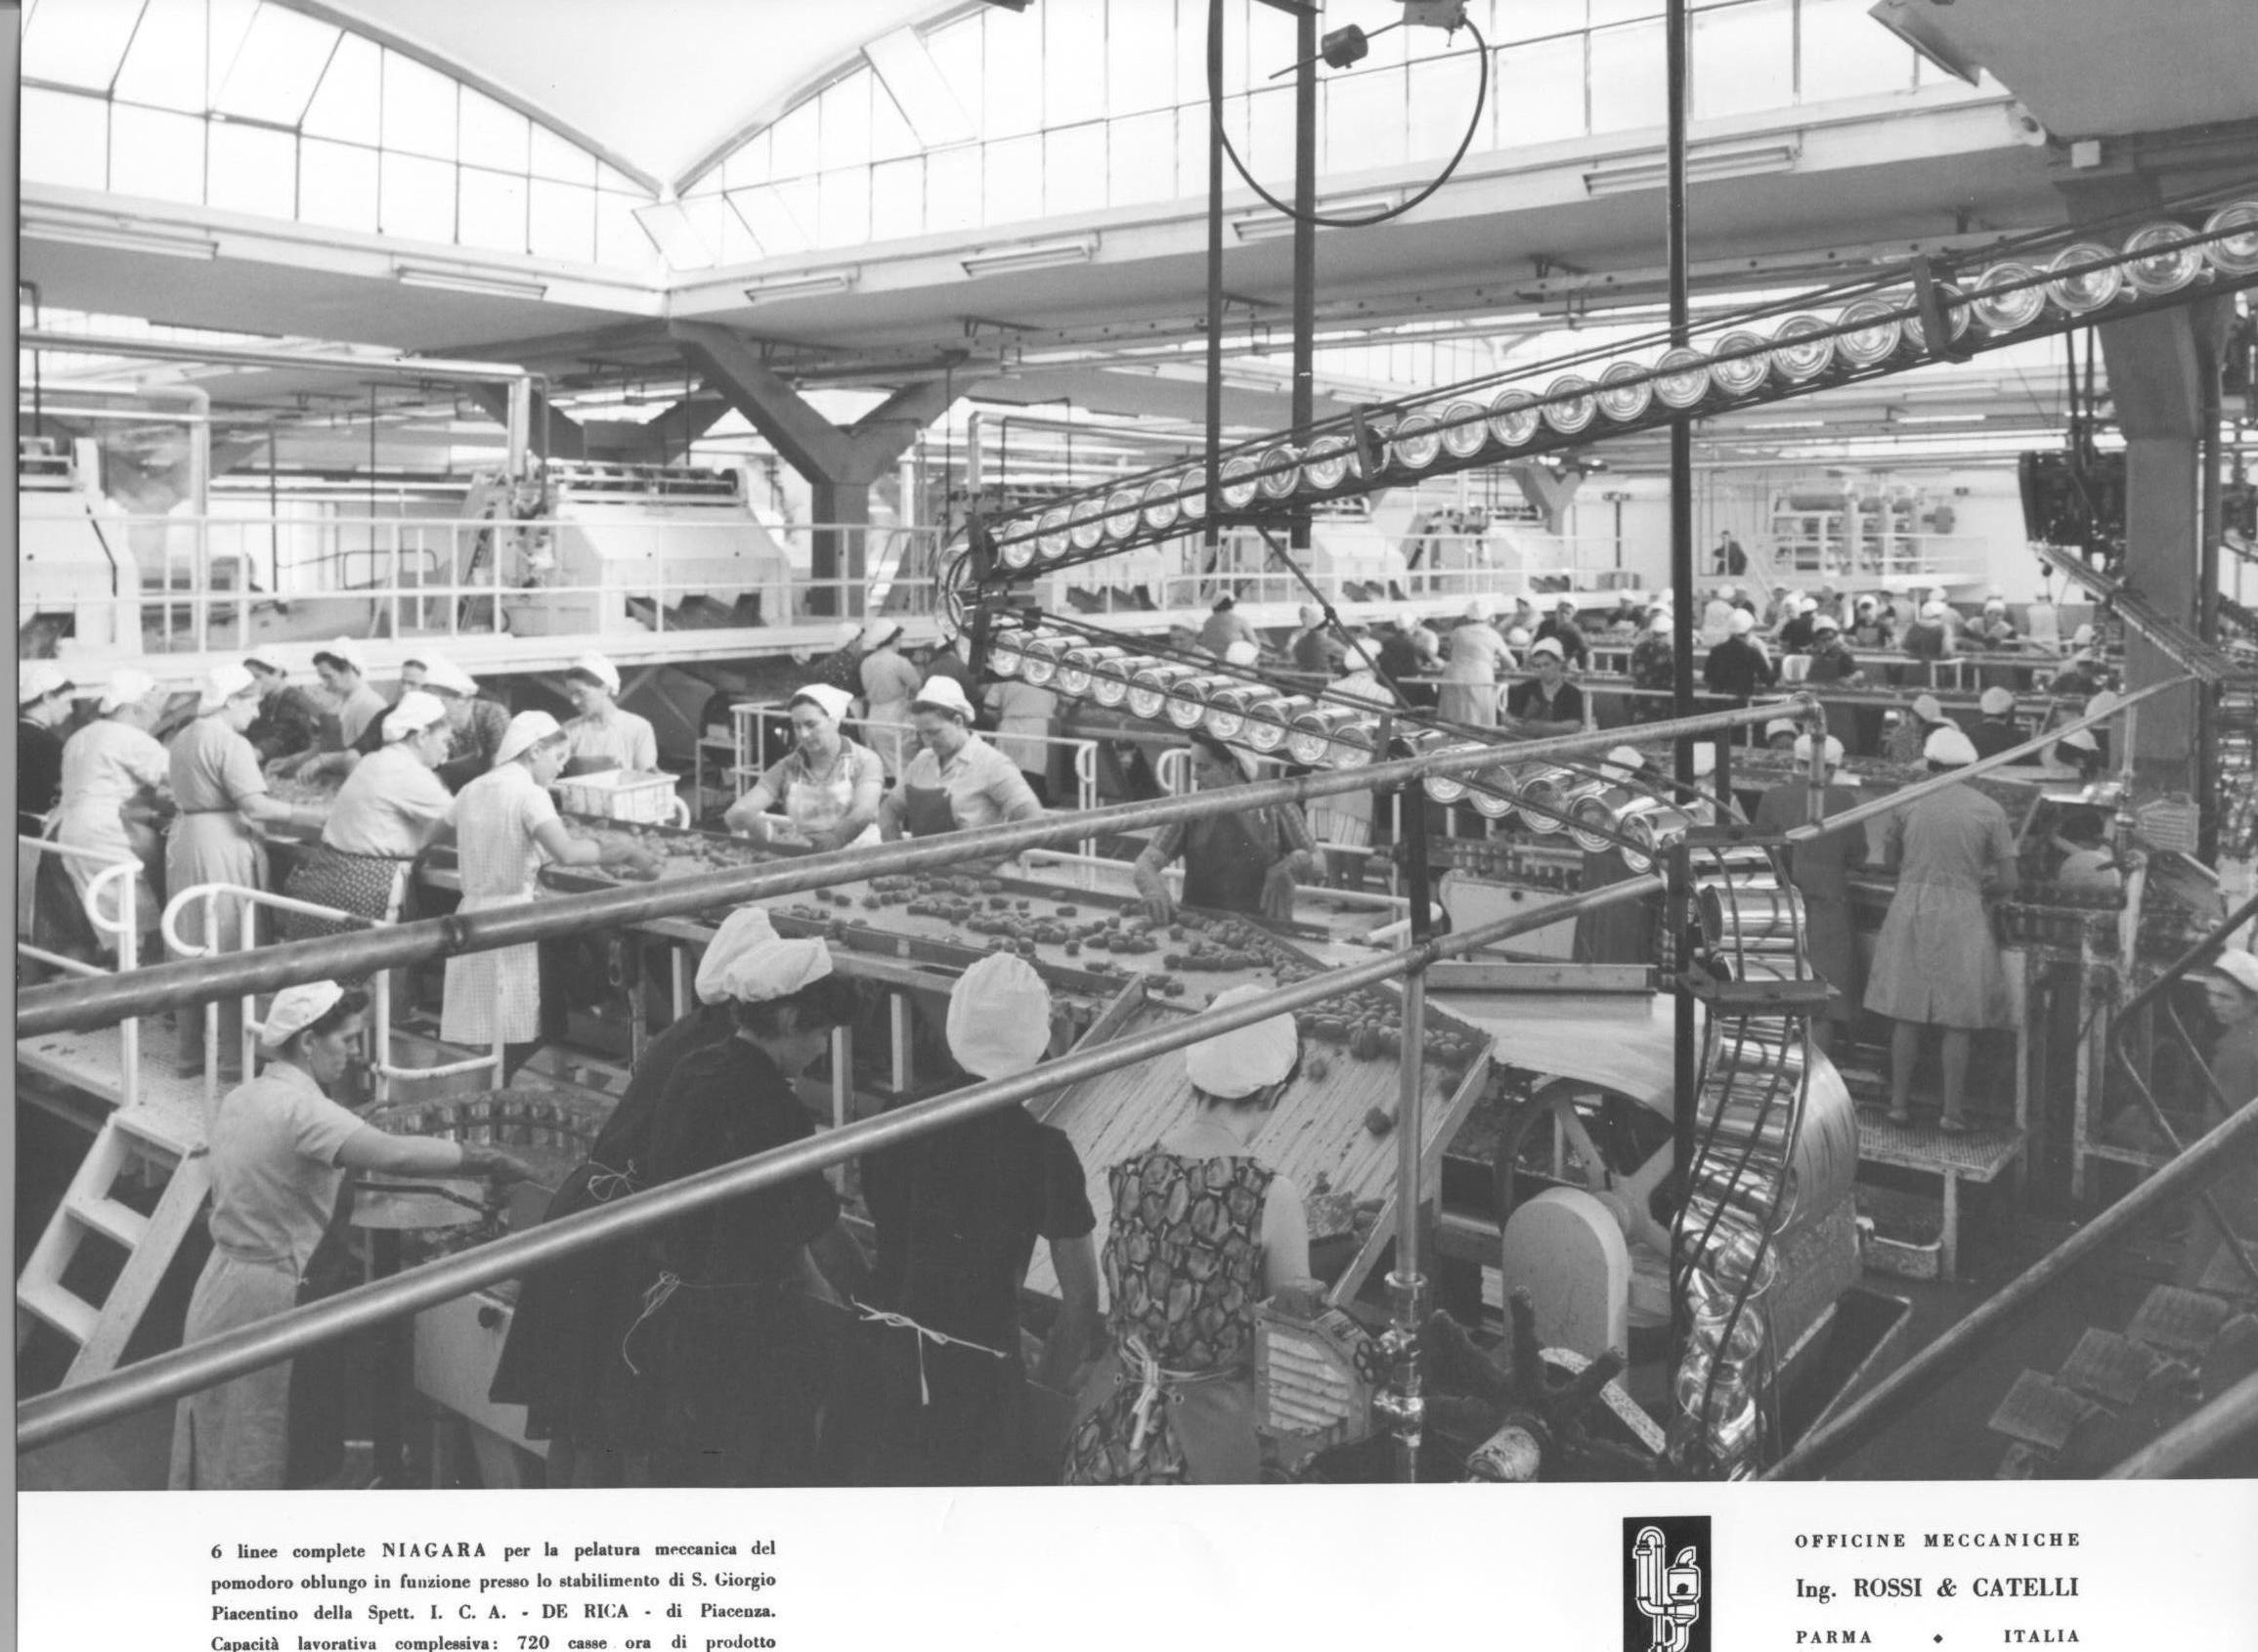 Le linee per la lavorazione del pomodoro installate da Rossi & Catelli nello stabilimento DE RICA di Piacenza negli anni Sessanta del Novecento.